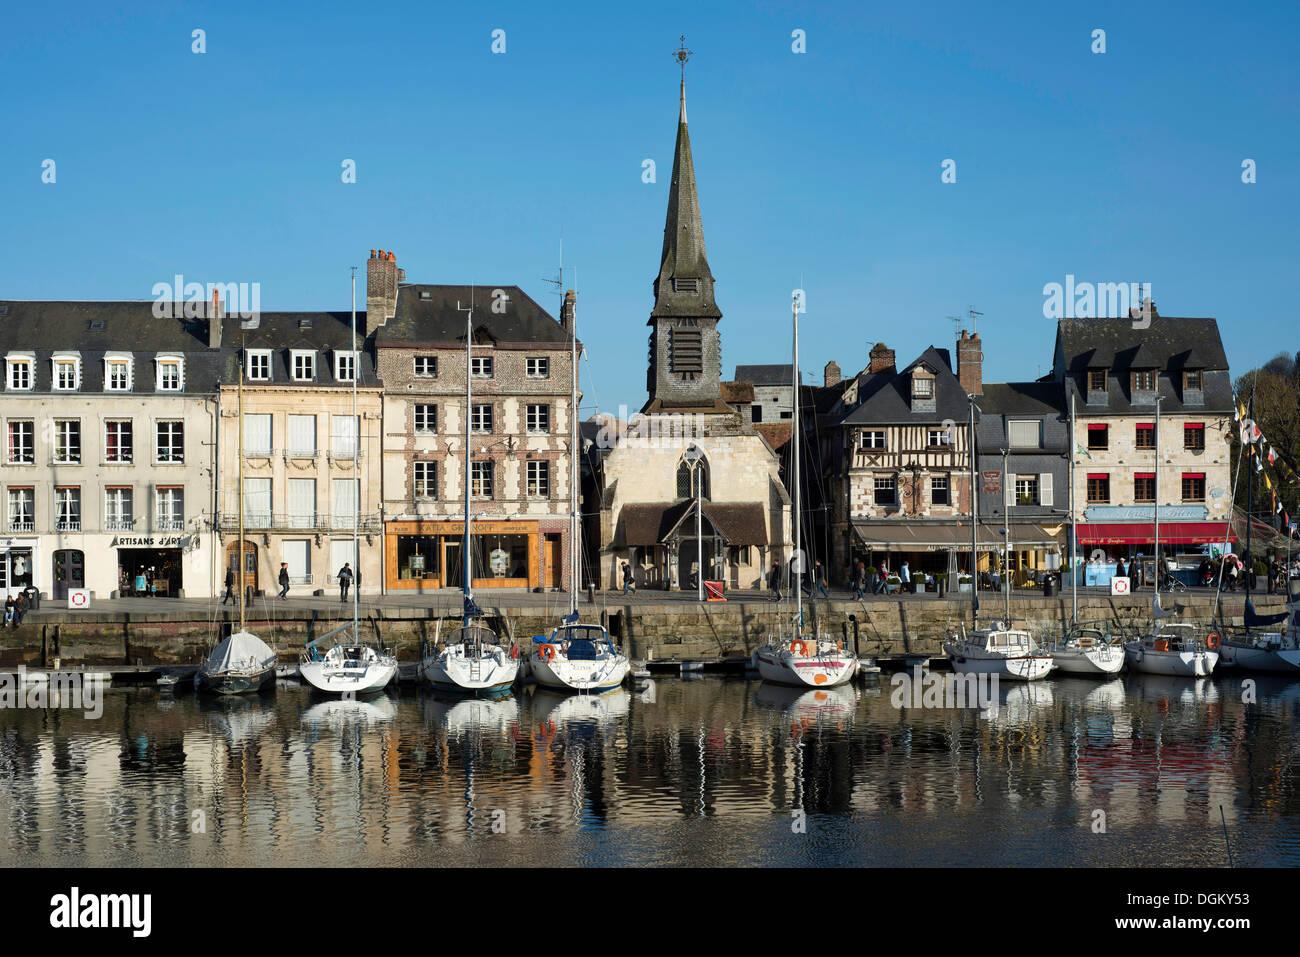 Bassin du port avec une rangée de maisons et le Musée Naval, Honfleur, Normandie, France, Europe Photo Stock